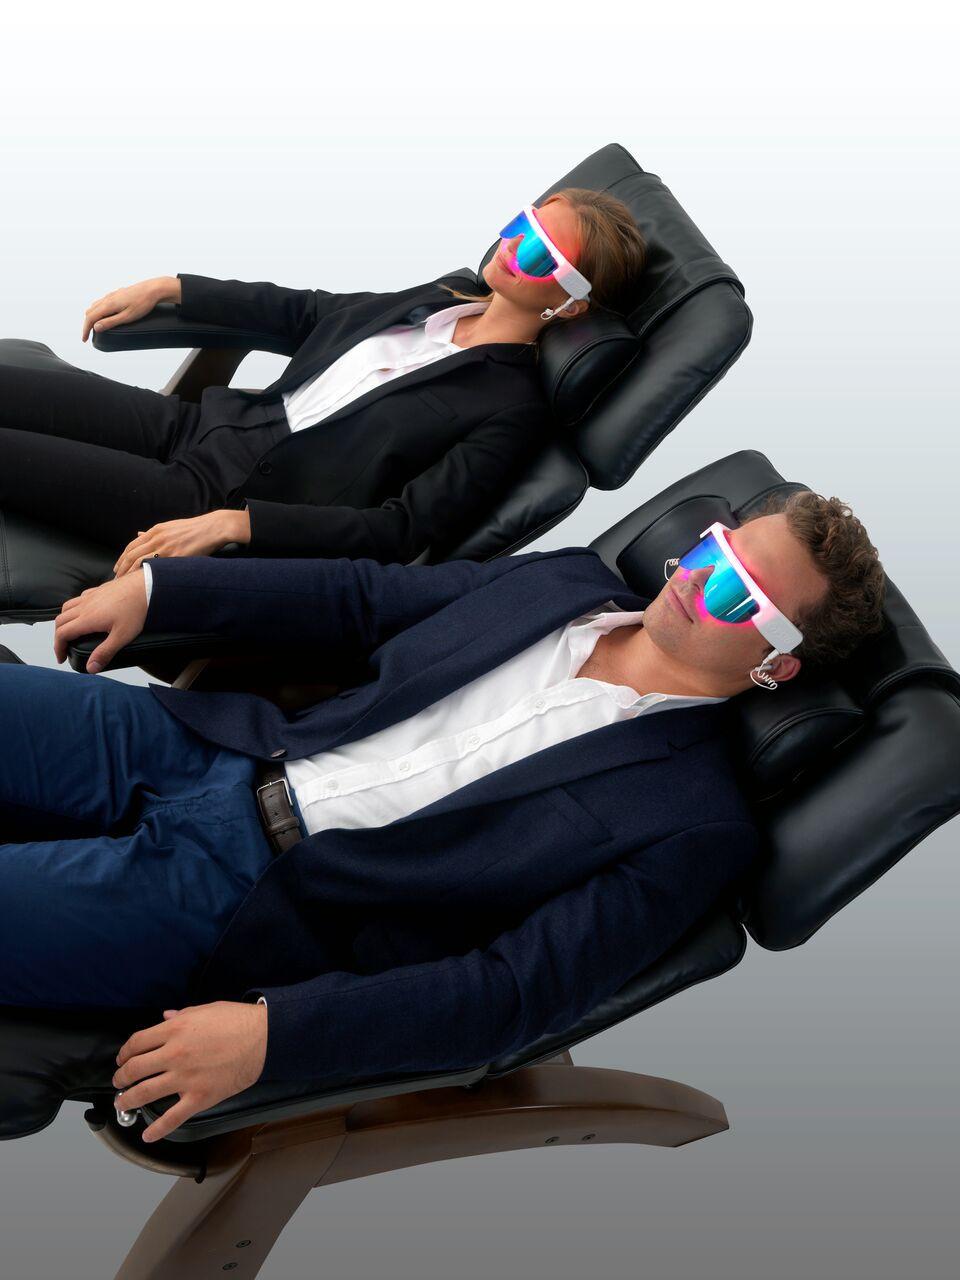 lunettes PSiO luminothérapie relaxation musicothérapie double voix prévention santé